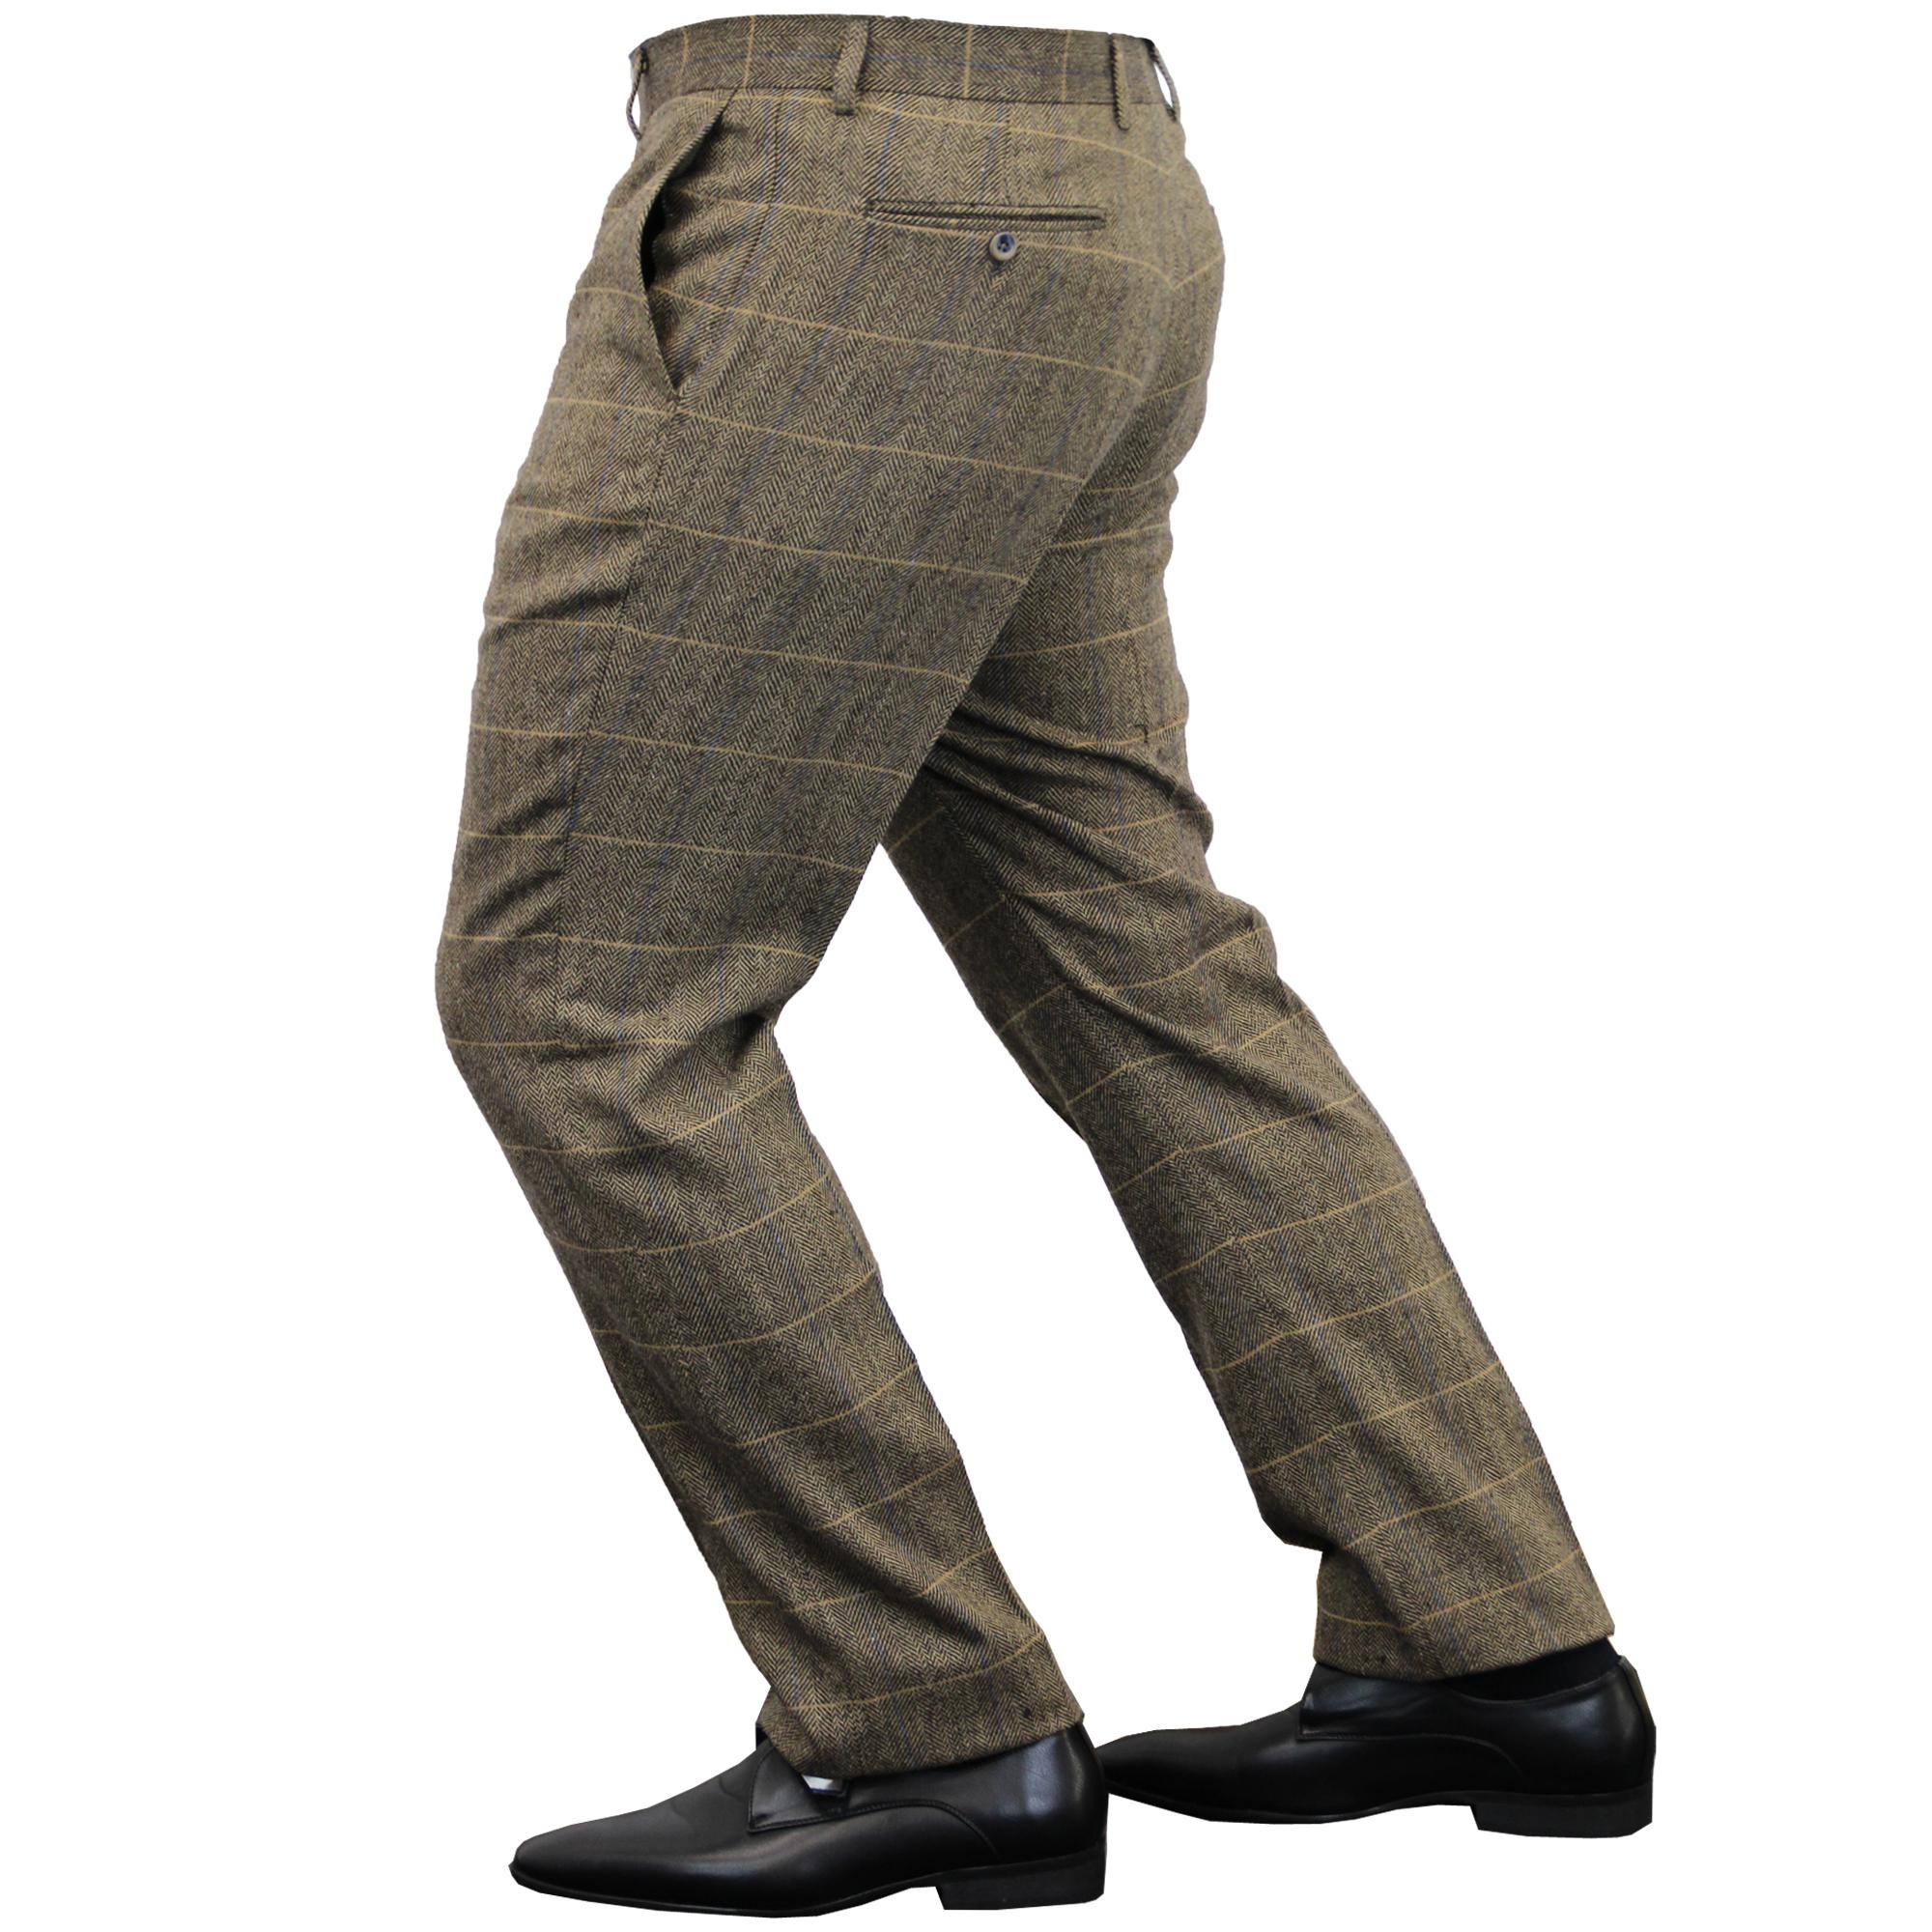 Mens-Wool-Mix-Trousers-Cavani-Tweed-Herringbone-Checked-Pants-Office-Work-New thumbnail 8